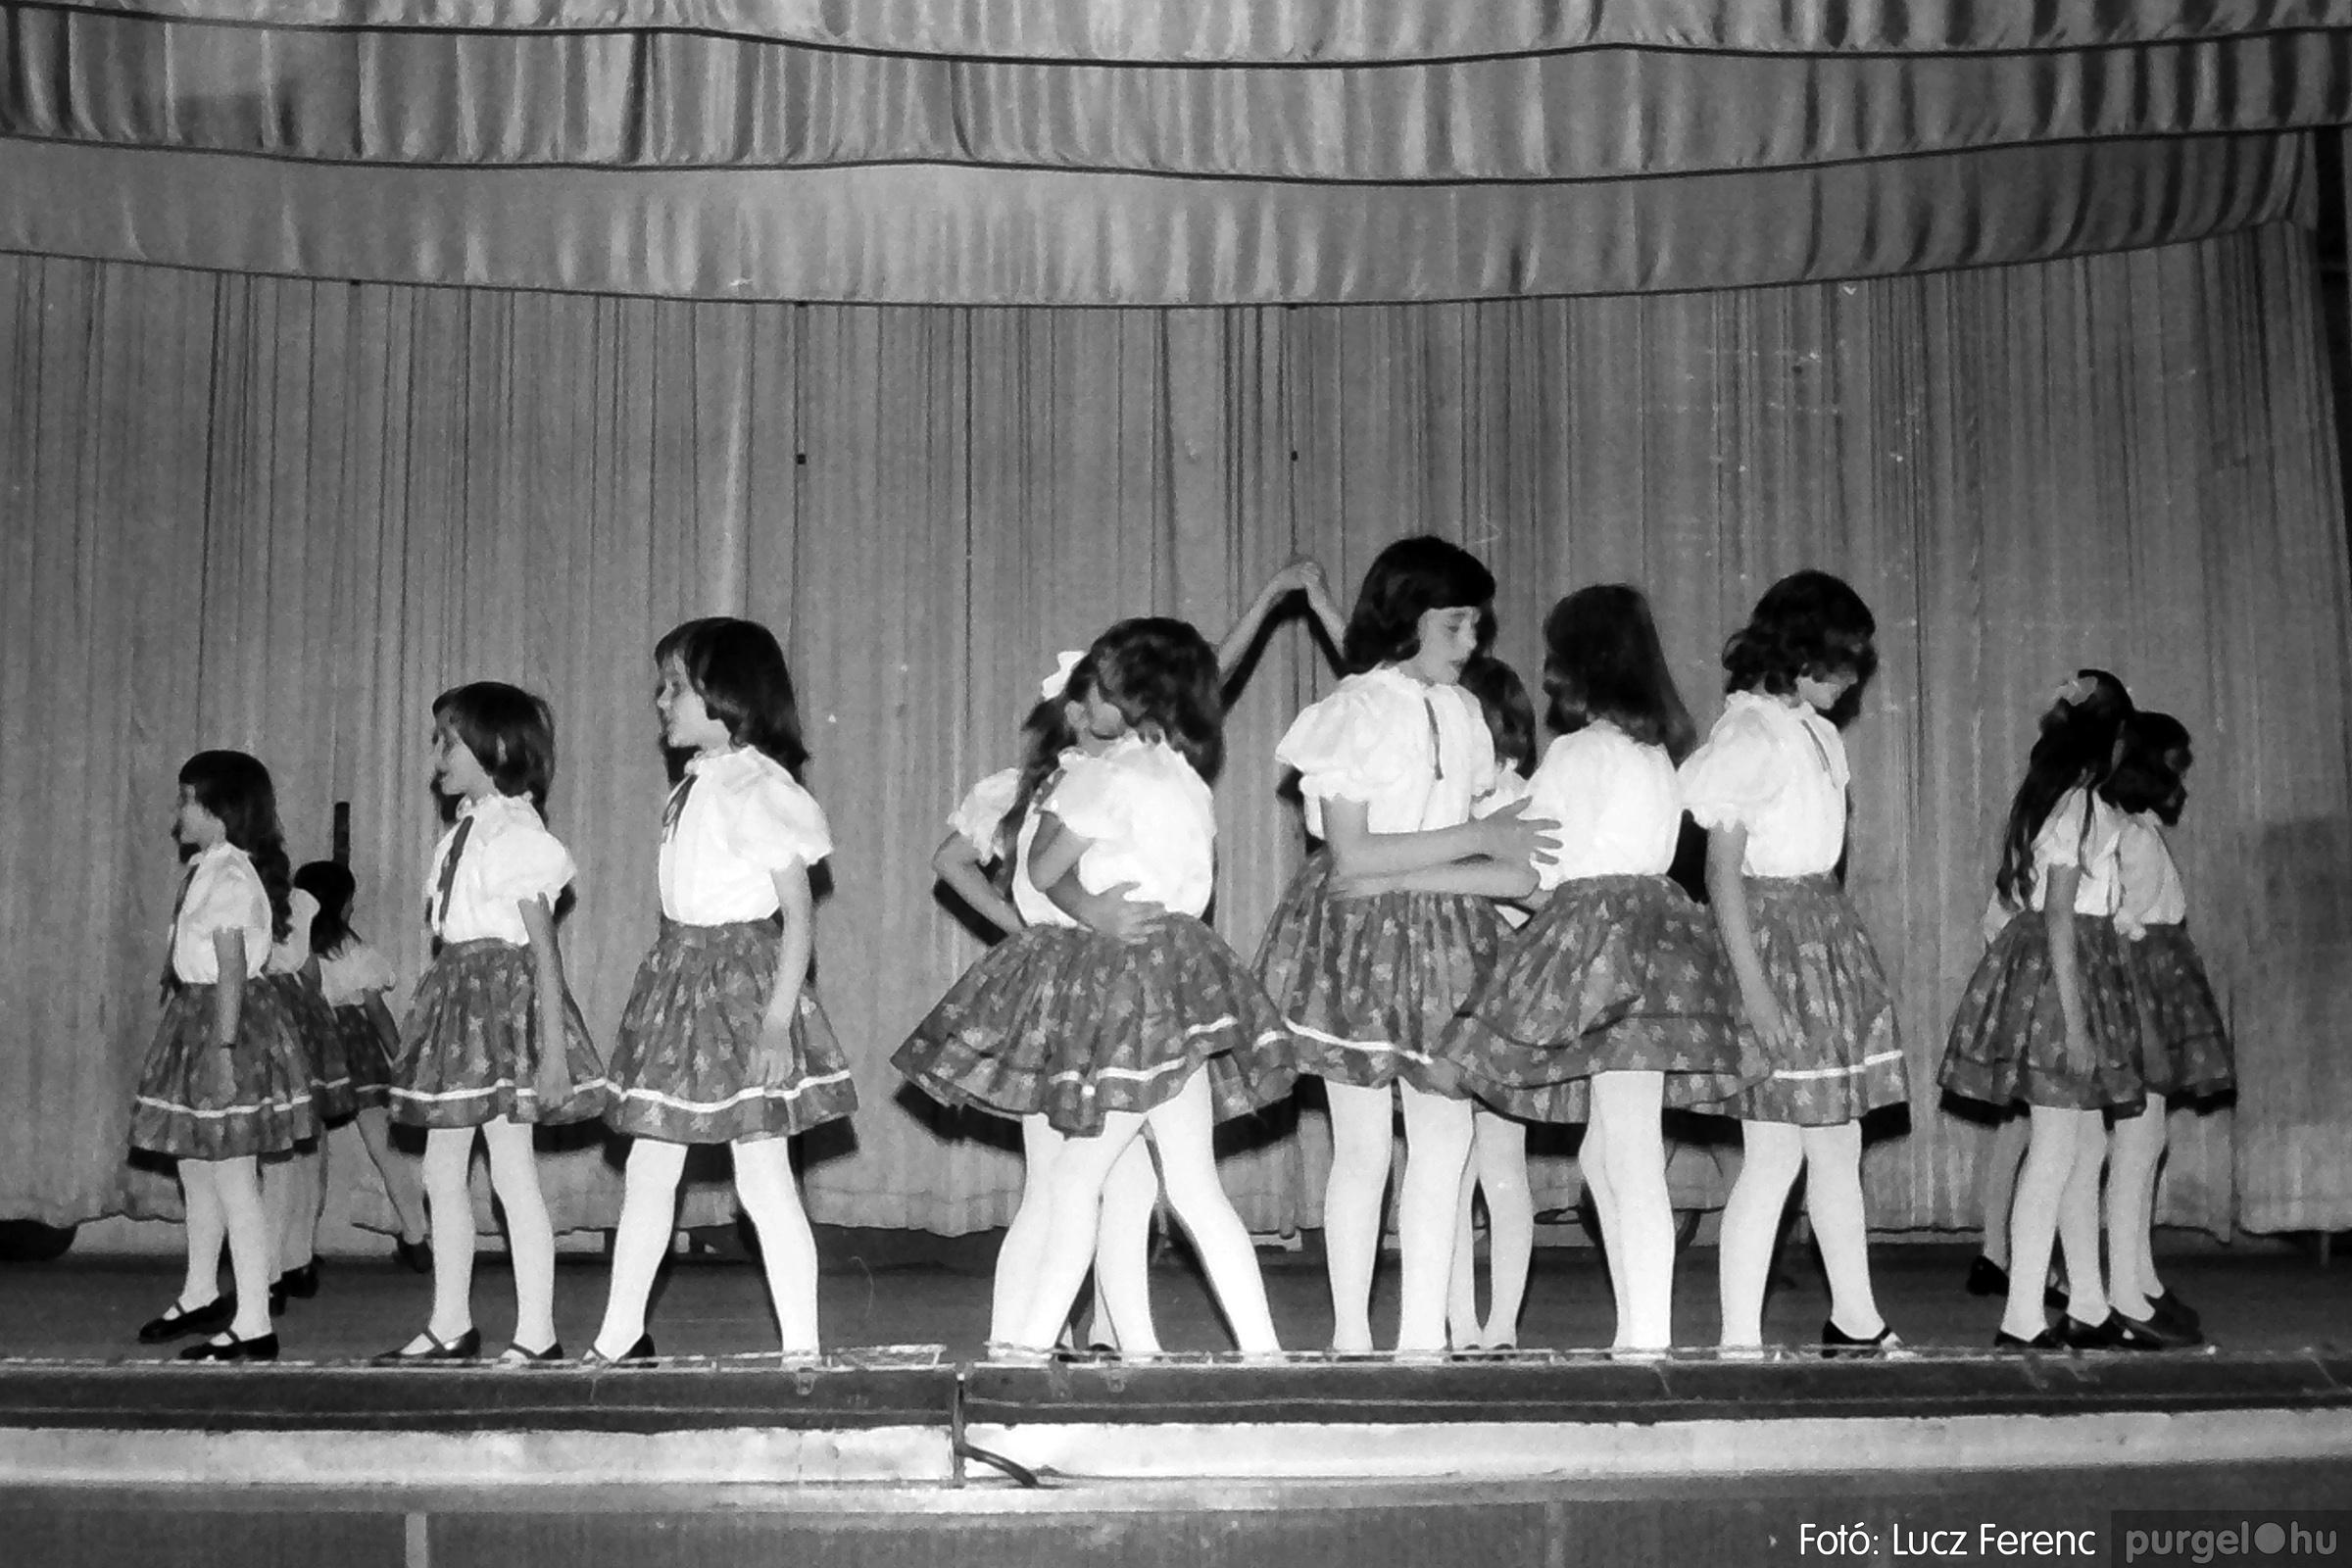 076. 1977. Iskolások fellépése a kultúrházban 020. - Fotó: Lucz Ferenc.jpg